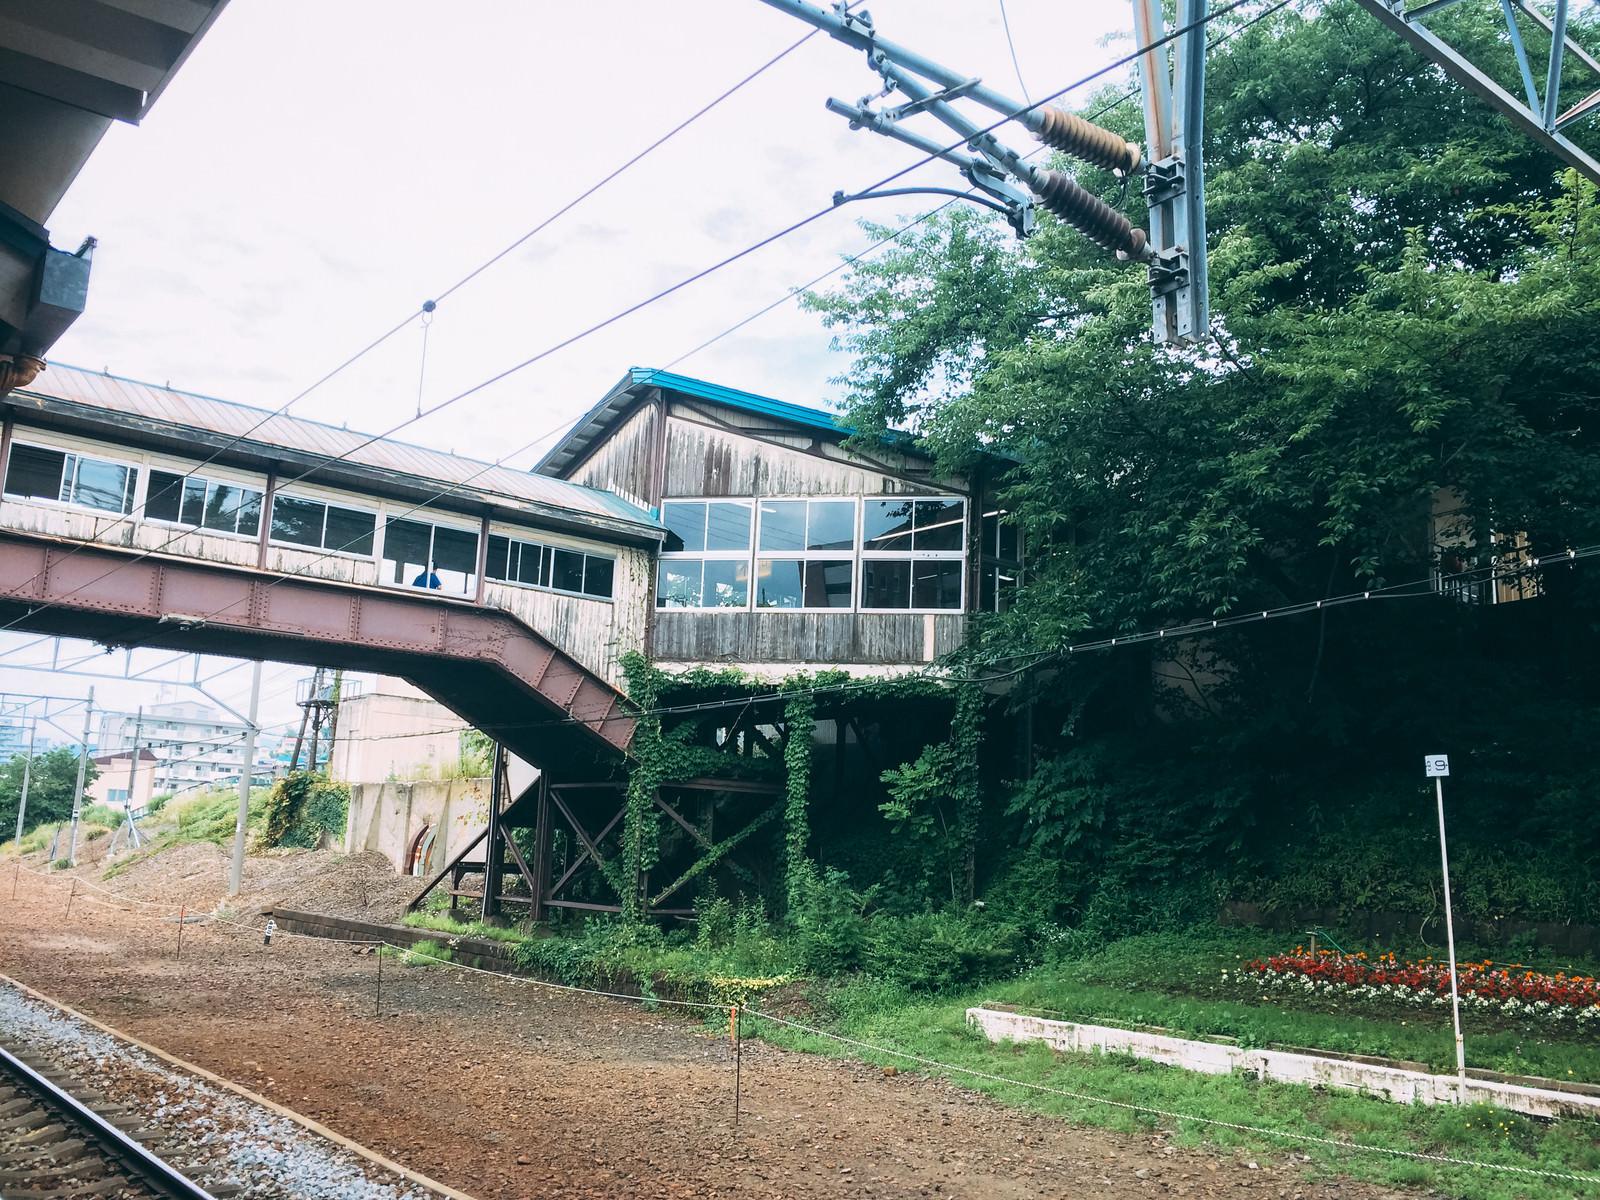 「情緒あふれる南小樽駅(北海道)」の写真